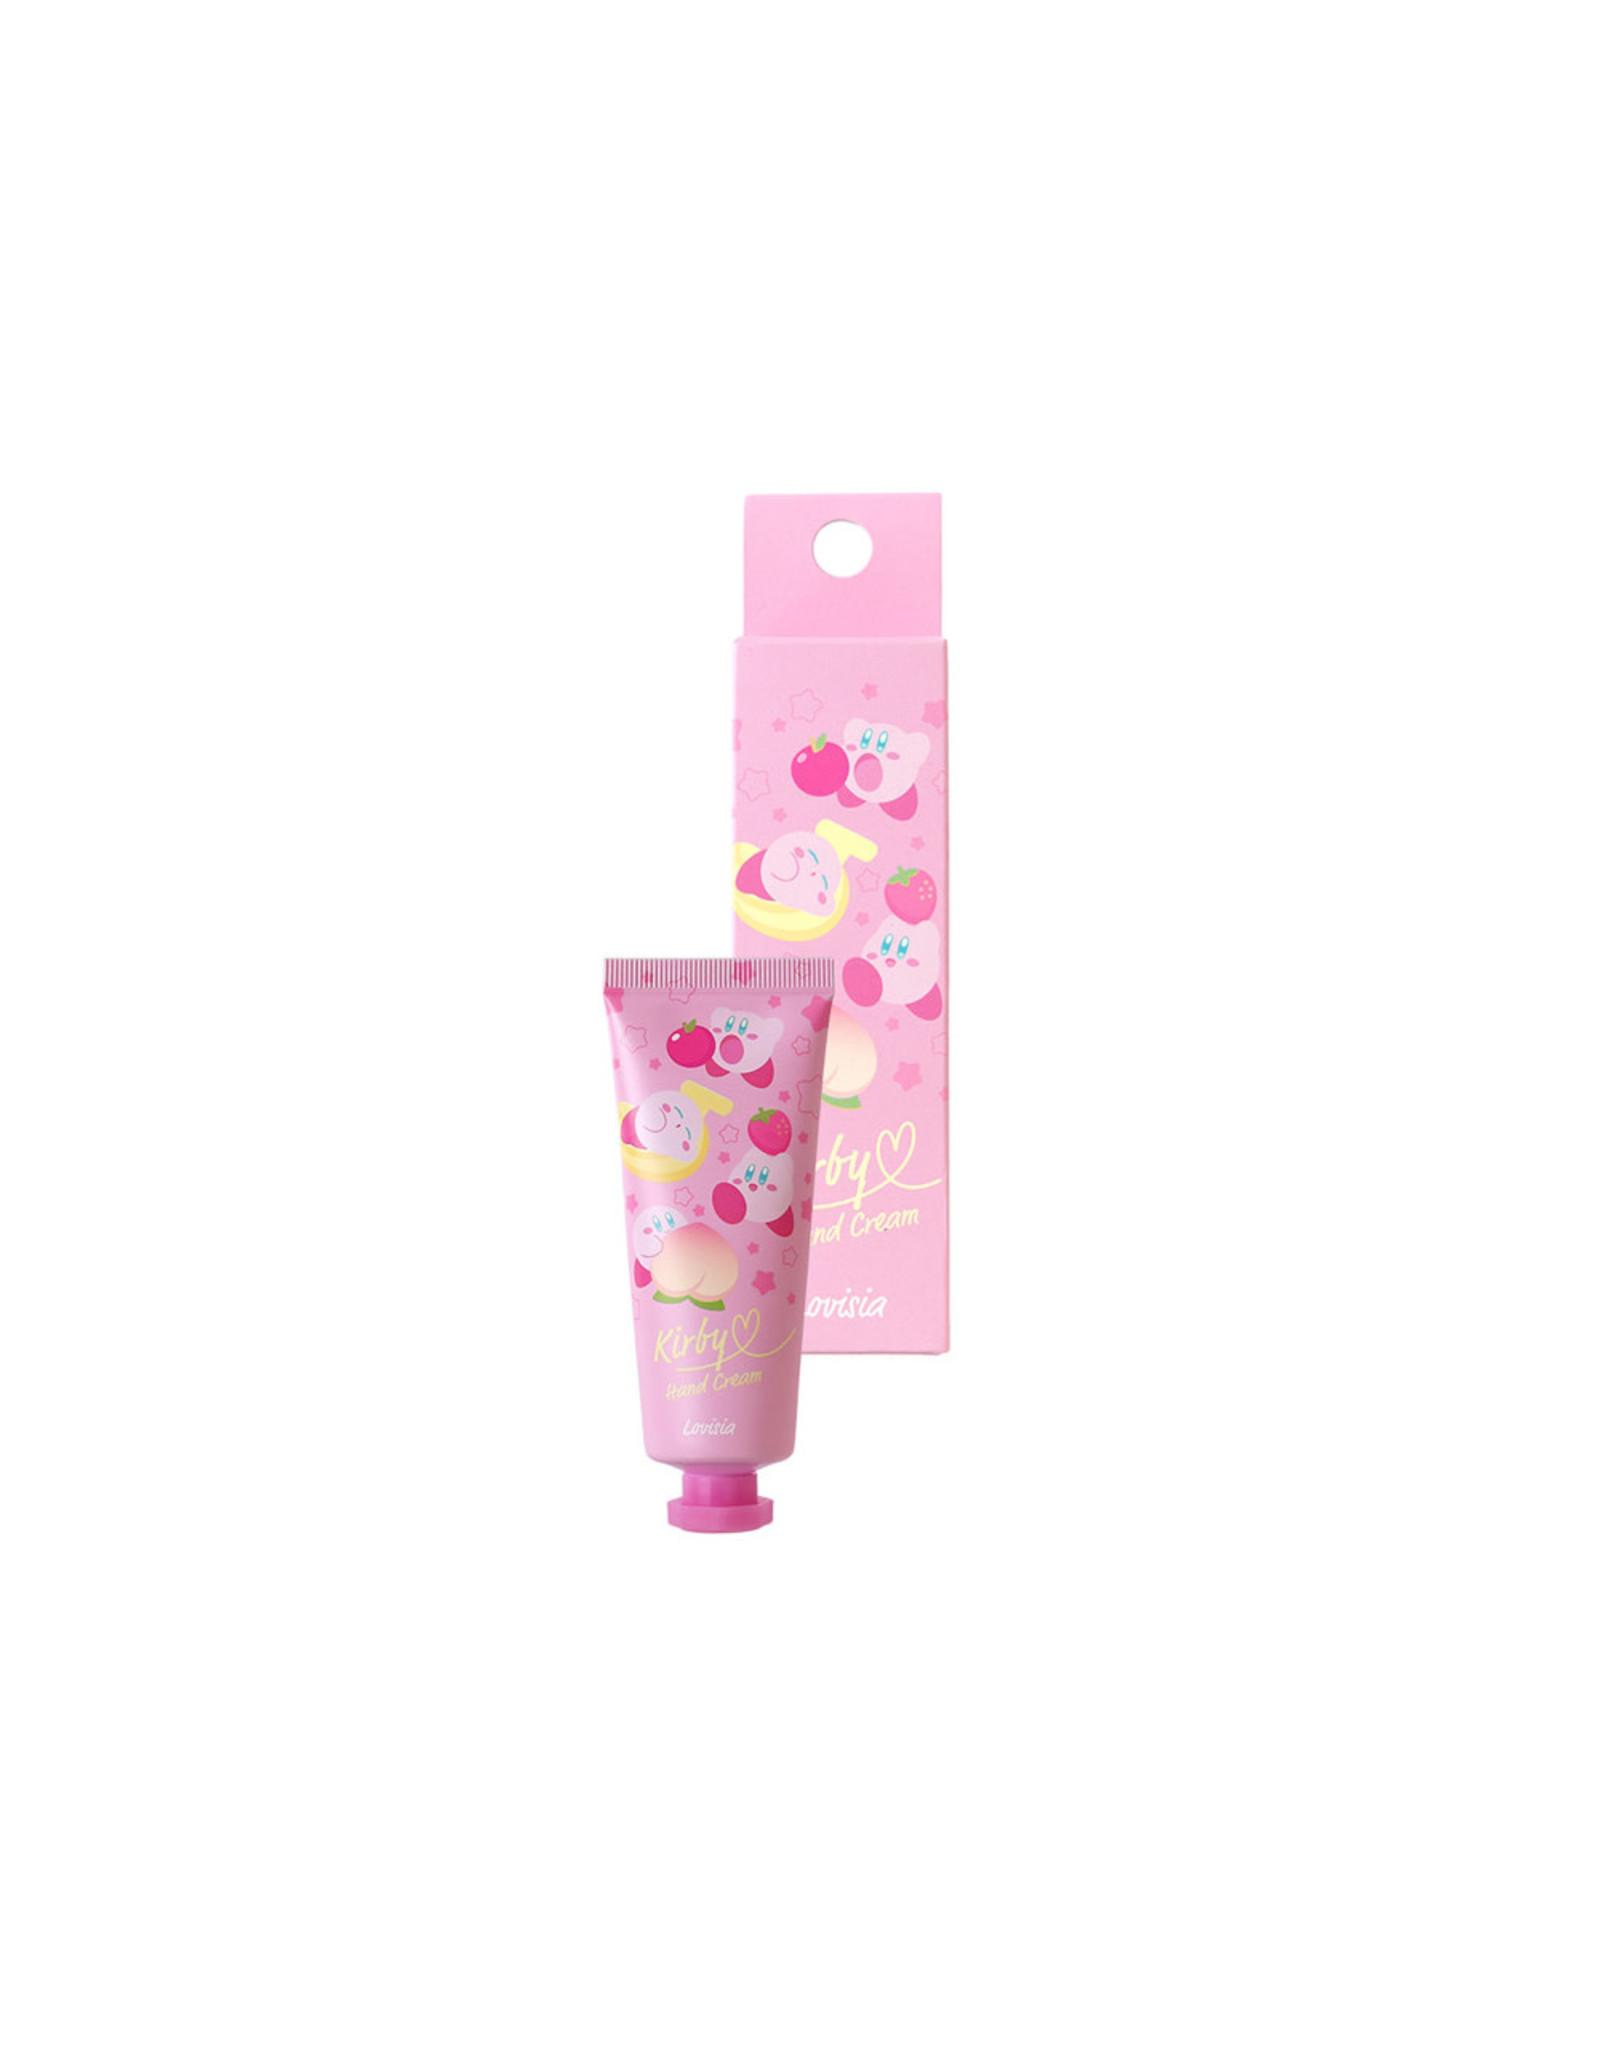 KIRBY Hand Cream